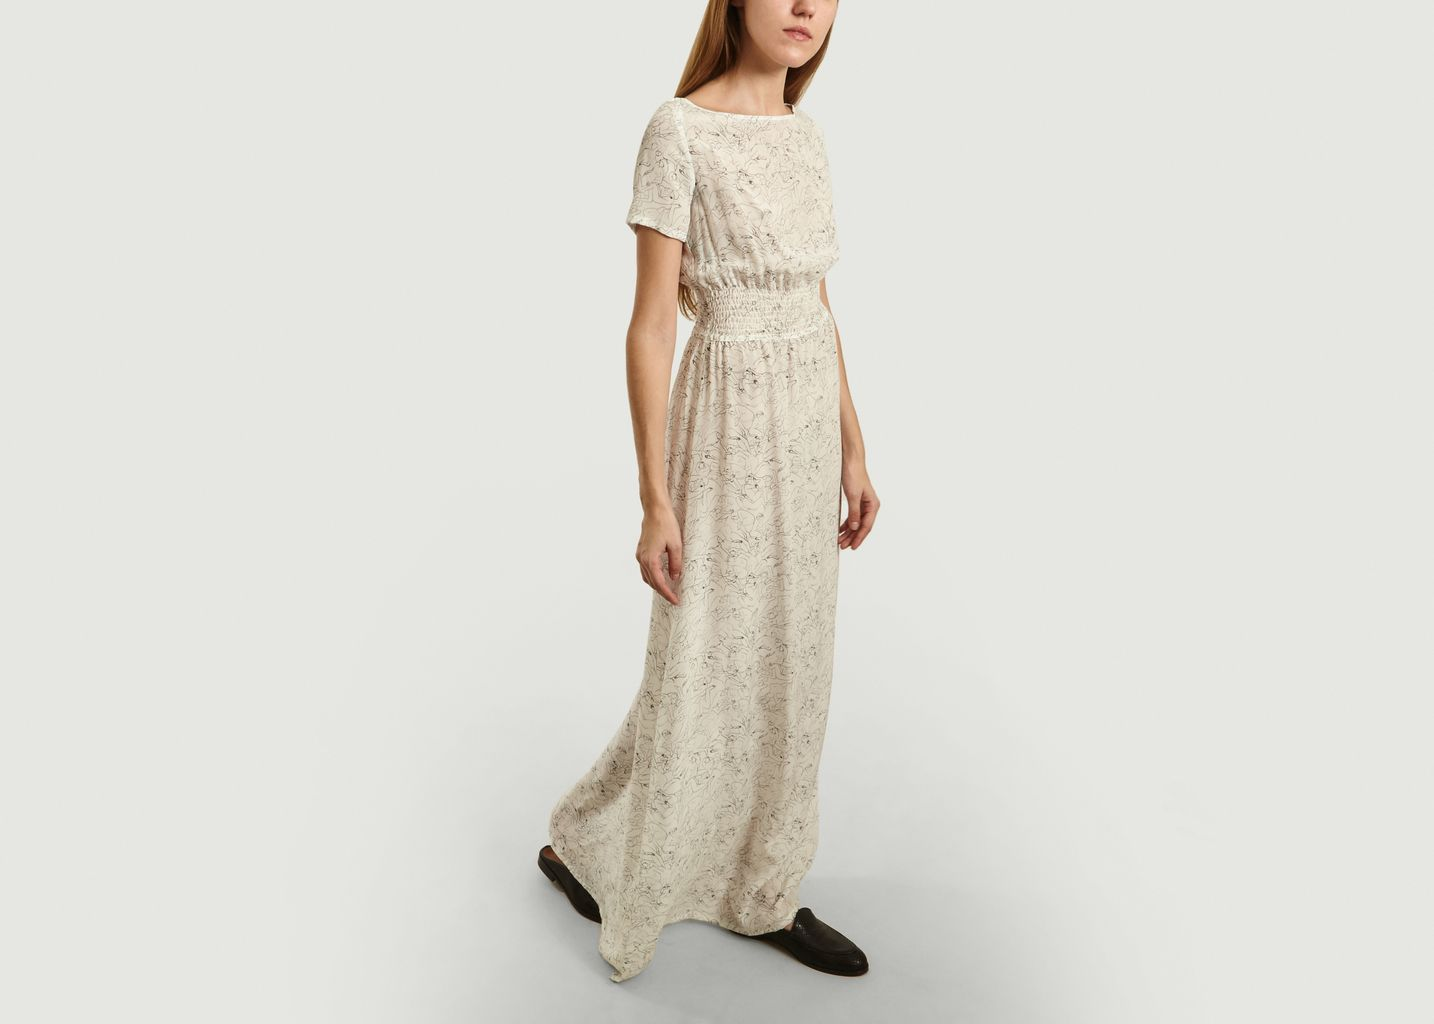 Robe Longue en Soie Marthe - Fête Impériale